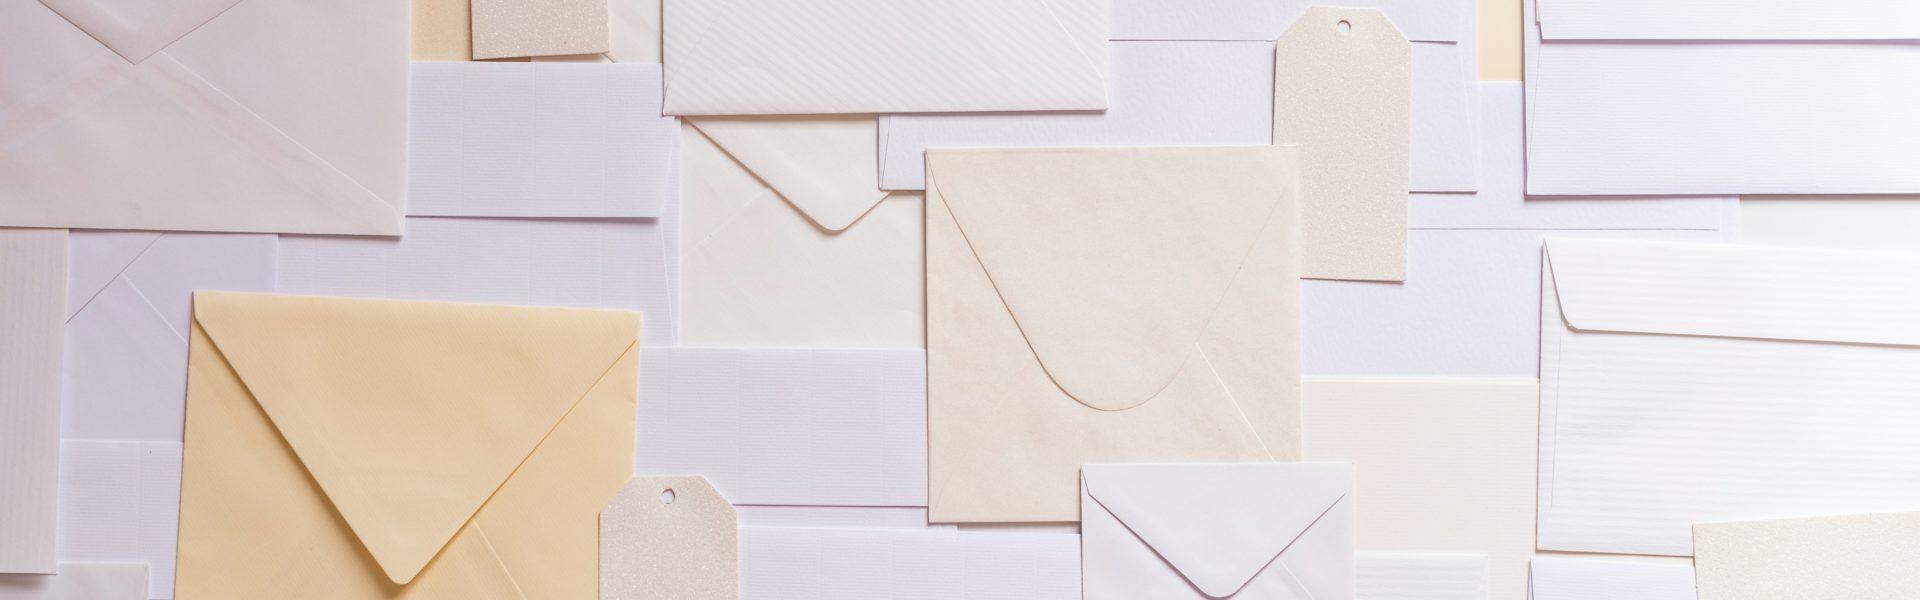 Hoe worden de posttarieven in het binnenland bepaald?